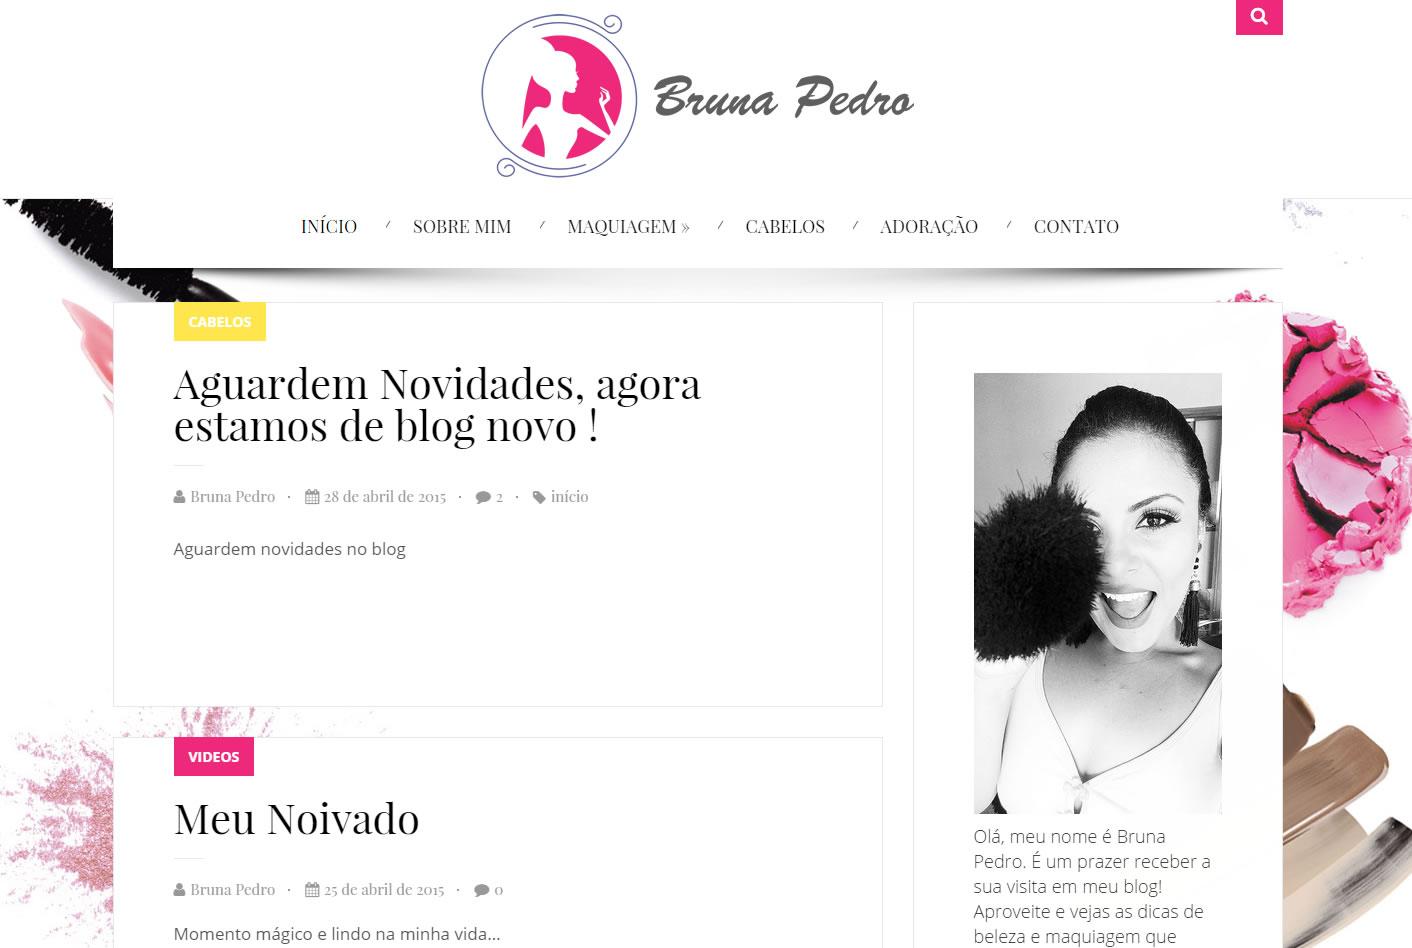 Cliente de Desenvolvimento de Sites em Piracicaba - Bruna Pedro